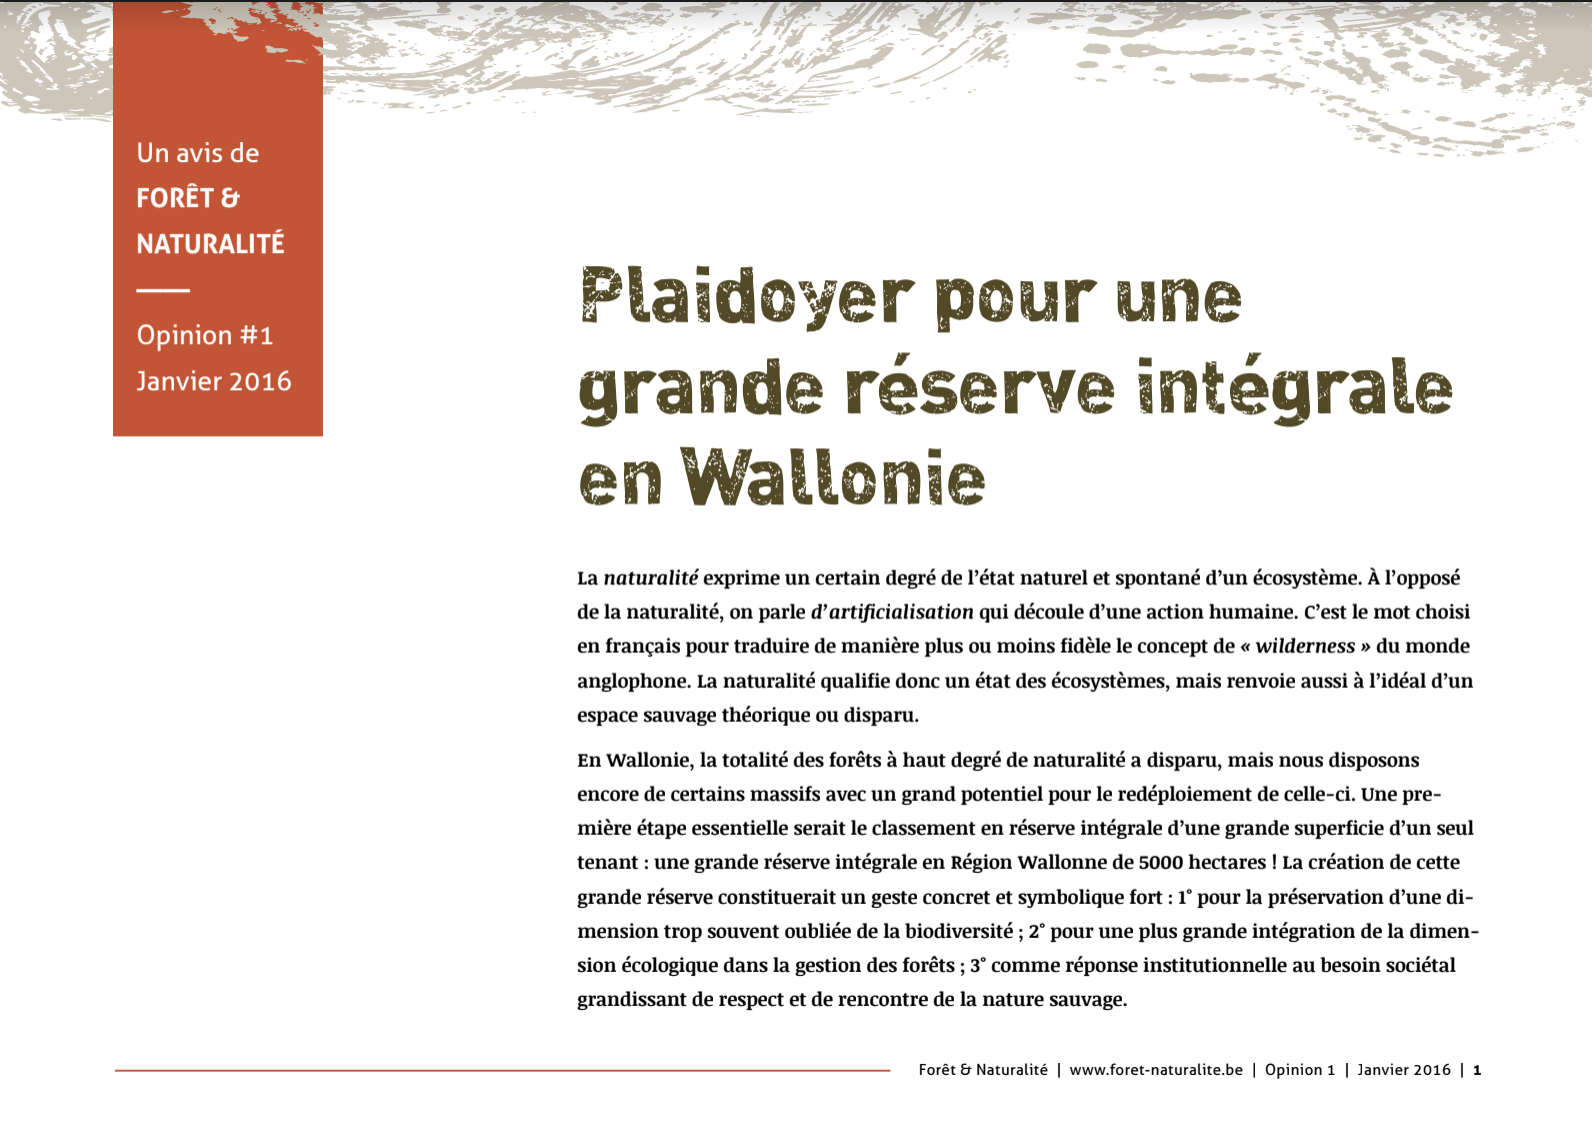 Plaidoyer pour une grande réserve intégrale en Wallonie